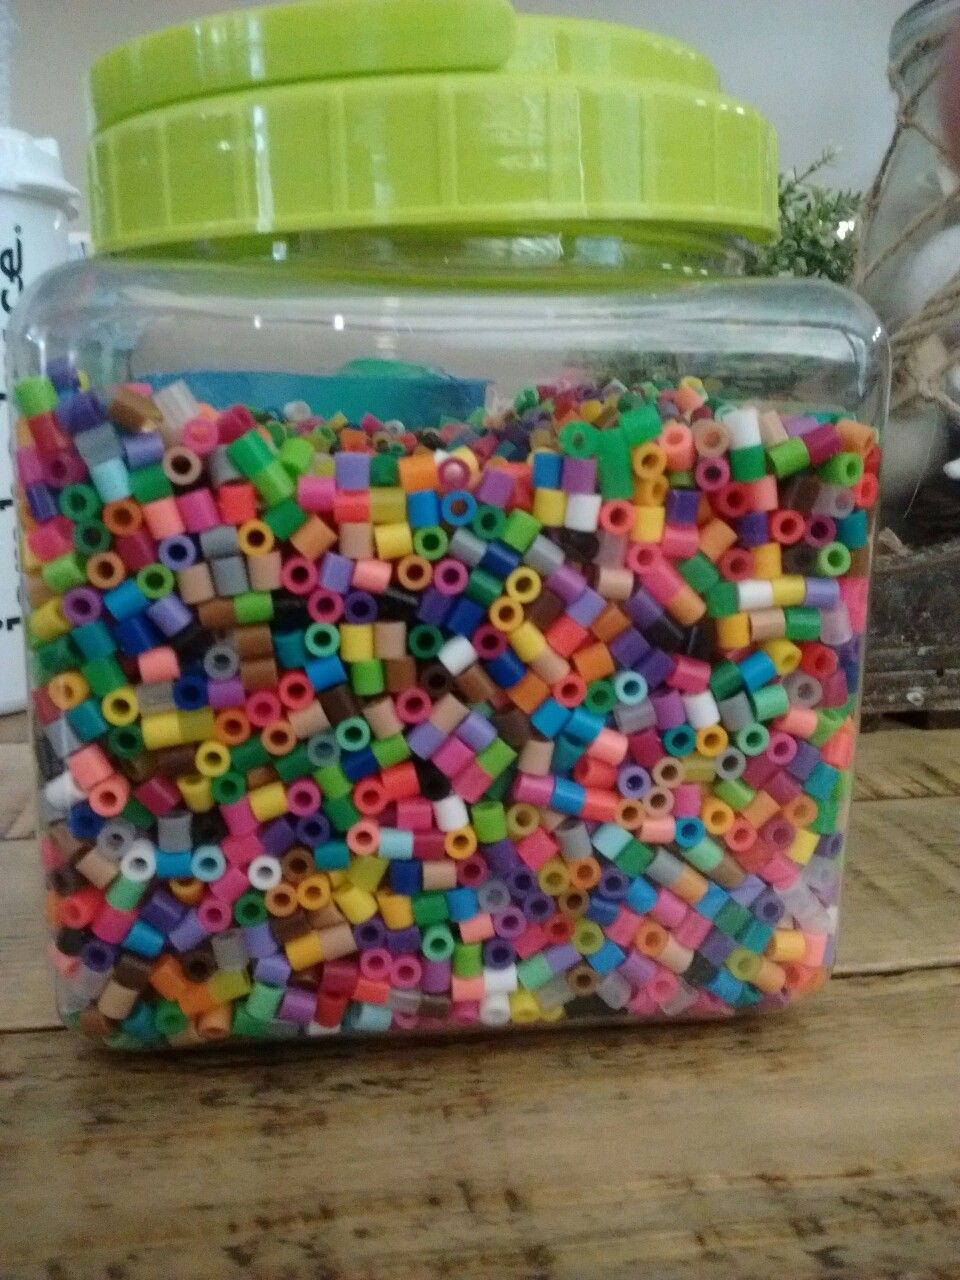 New bin of perler beads!